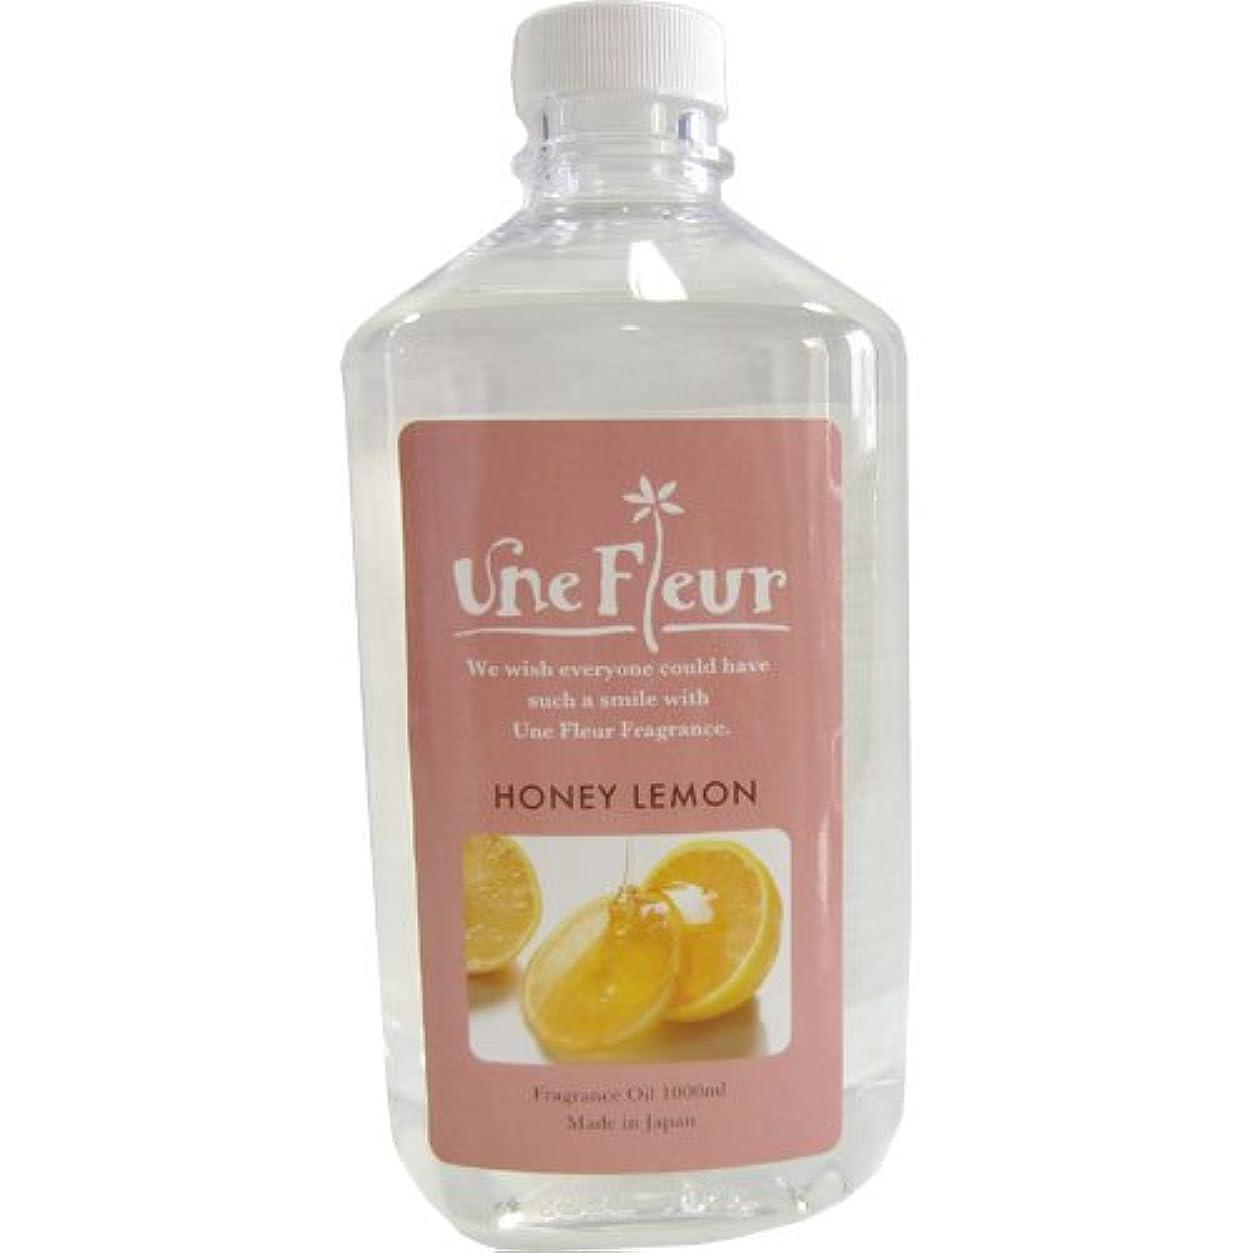 矩形強要タクシーUF UFフレグランスオイルハニーレモン 1L